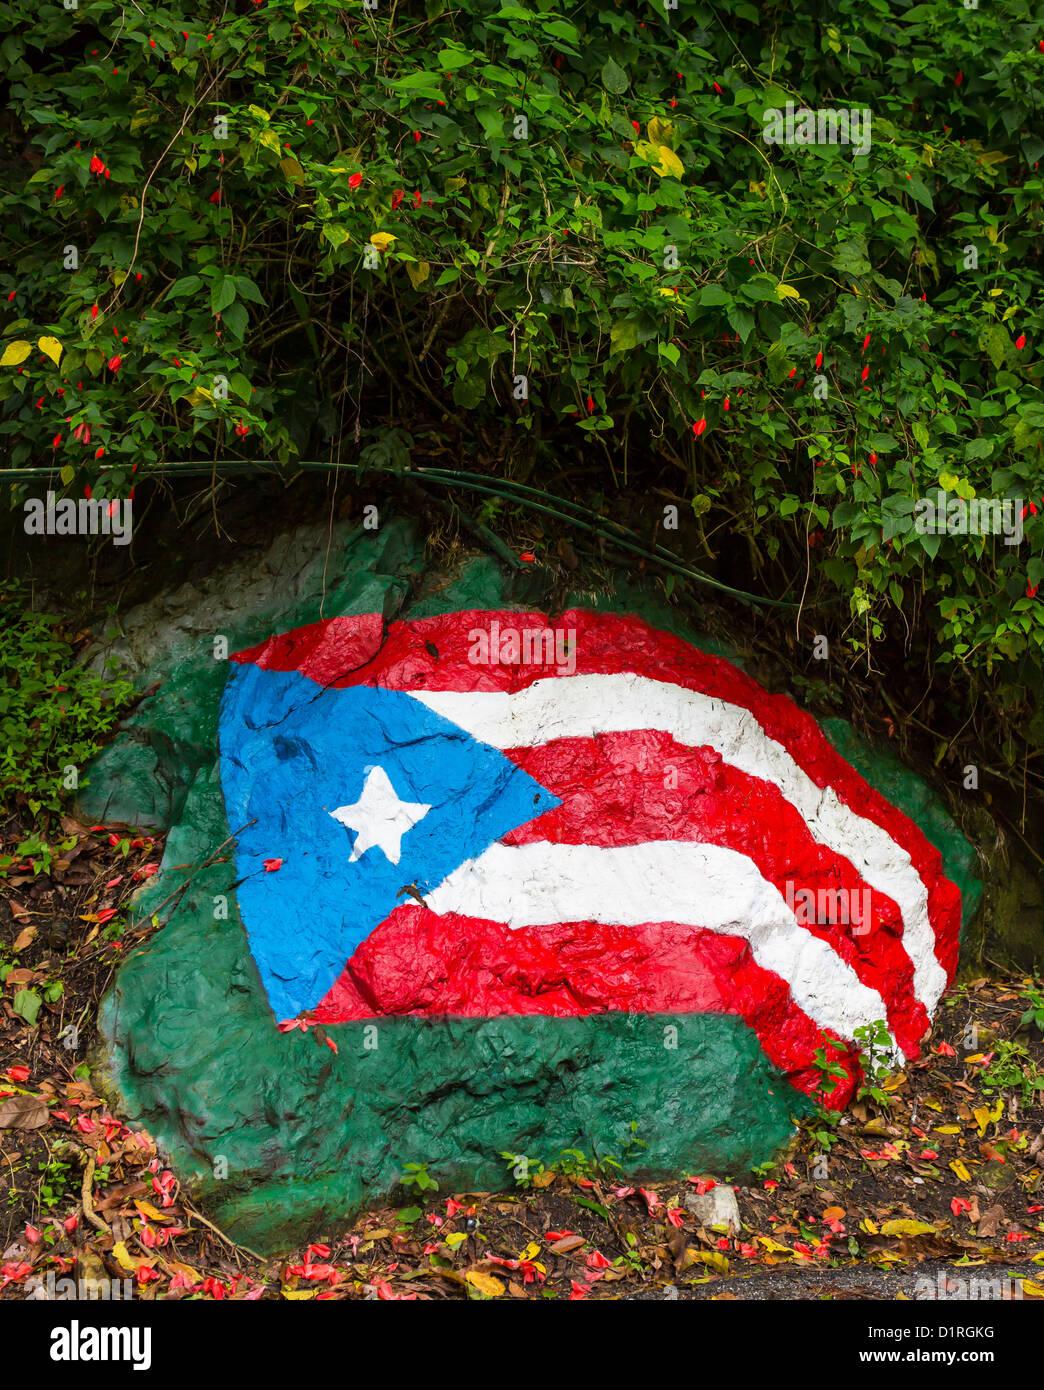 ADJUNTAS, PUERTO RICO - Puerto Rico drapeau peint sur rocher sur la route. Photo Stock